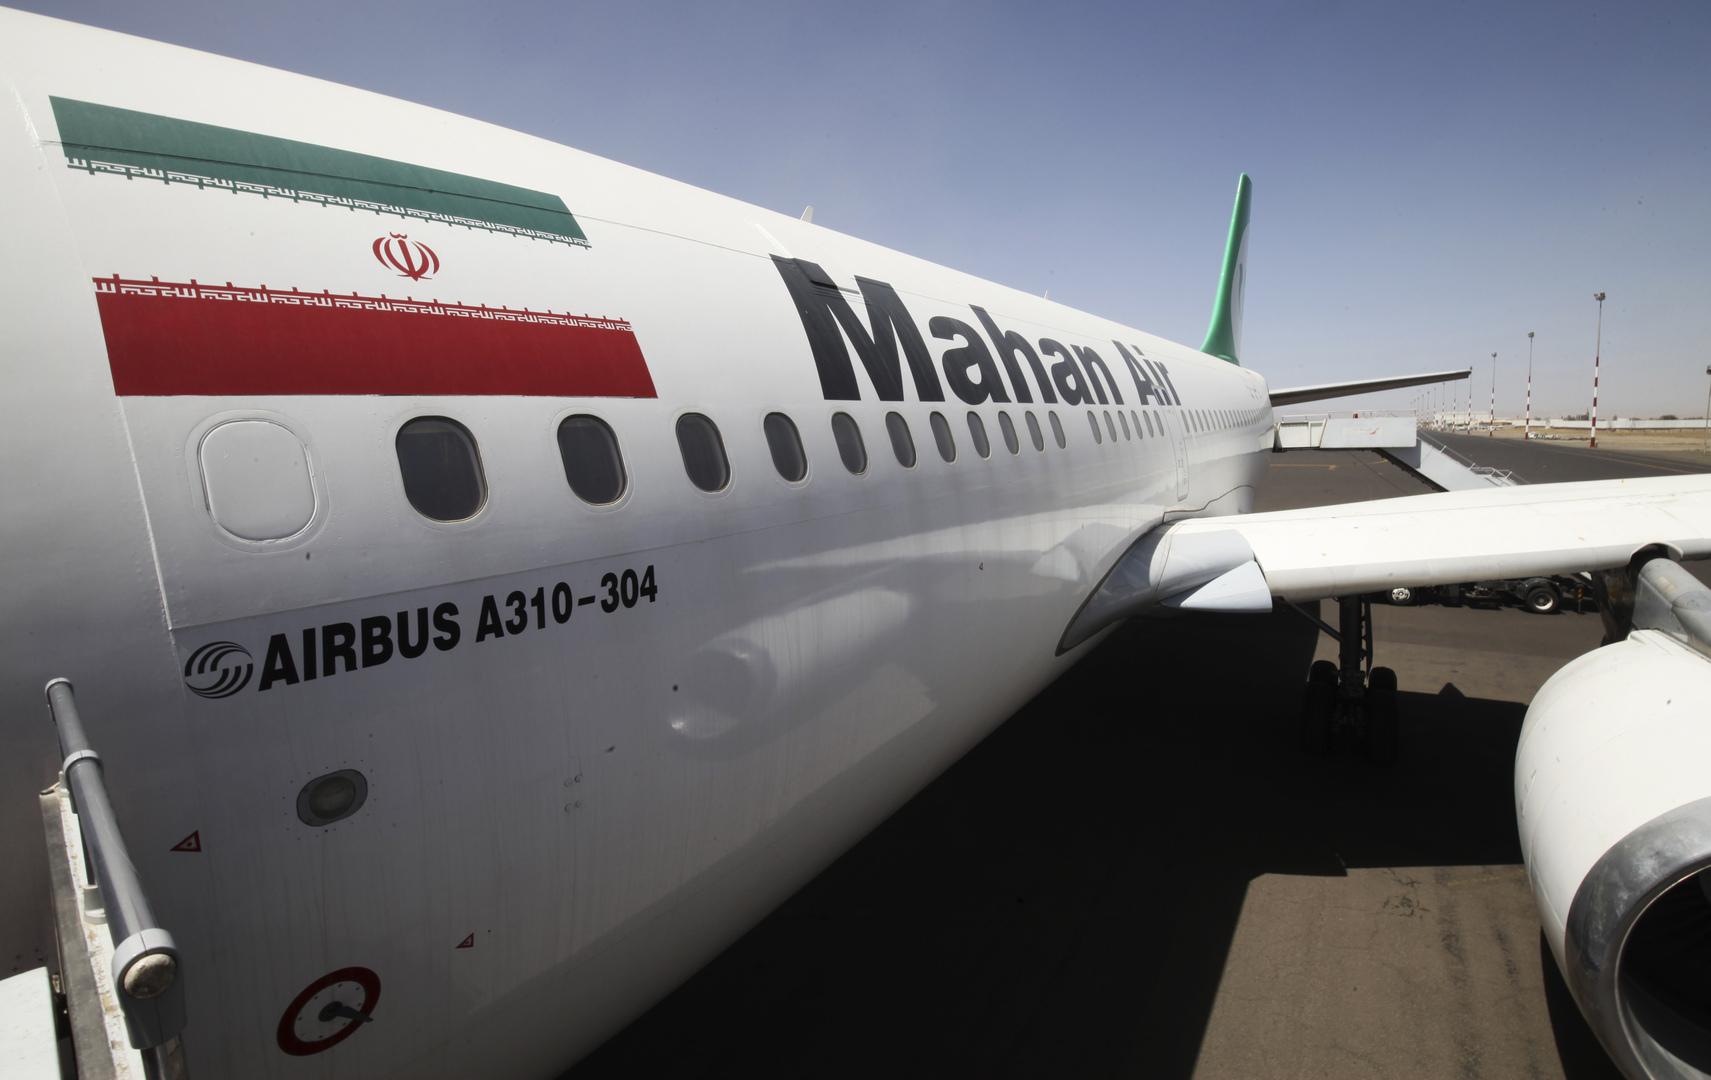 قلق في إيطاليا من رحلات جوية إيرانية وصفت بـ